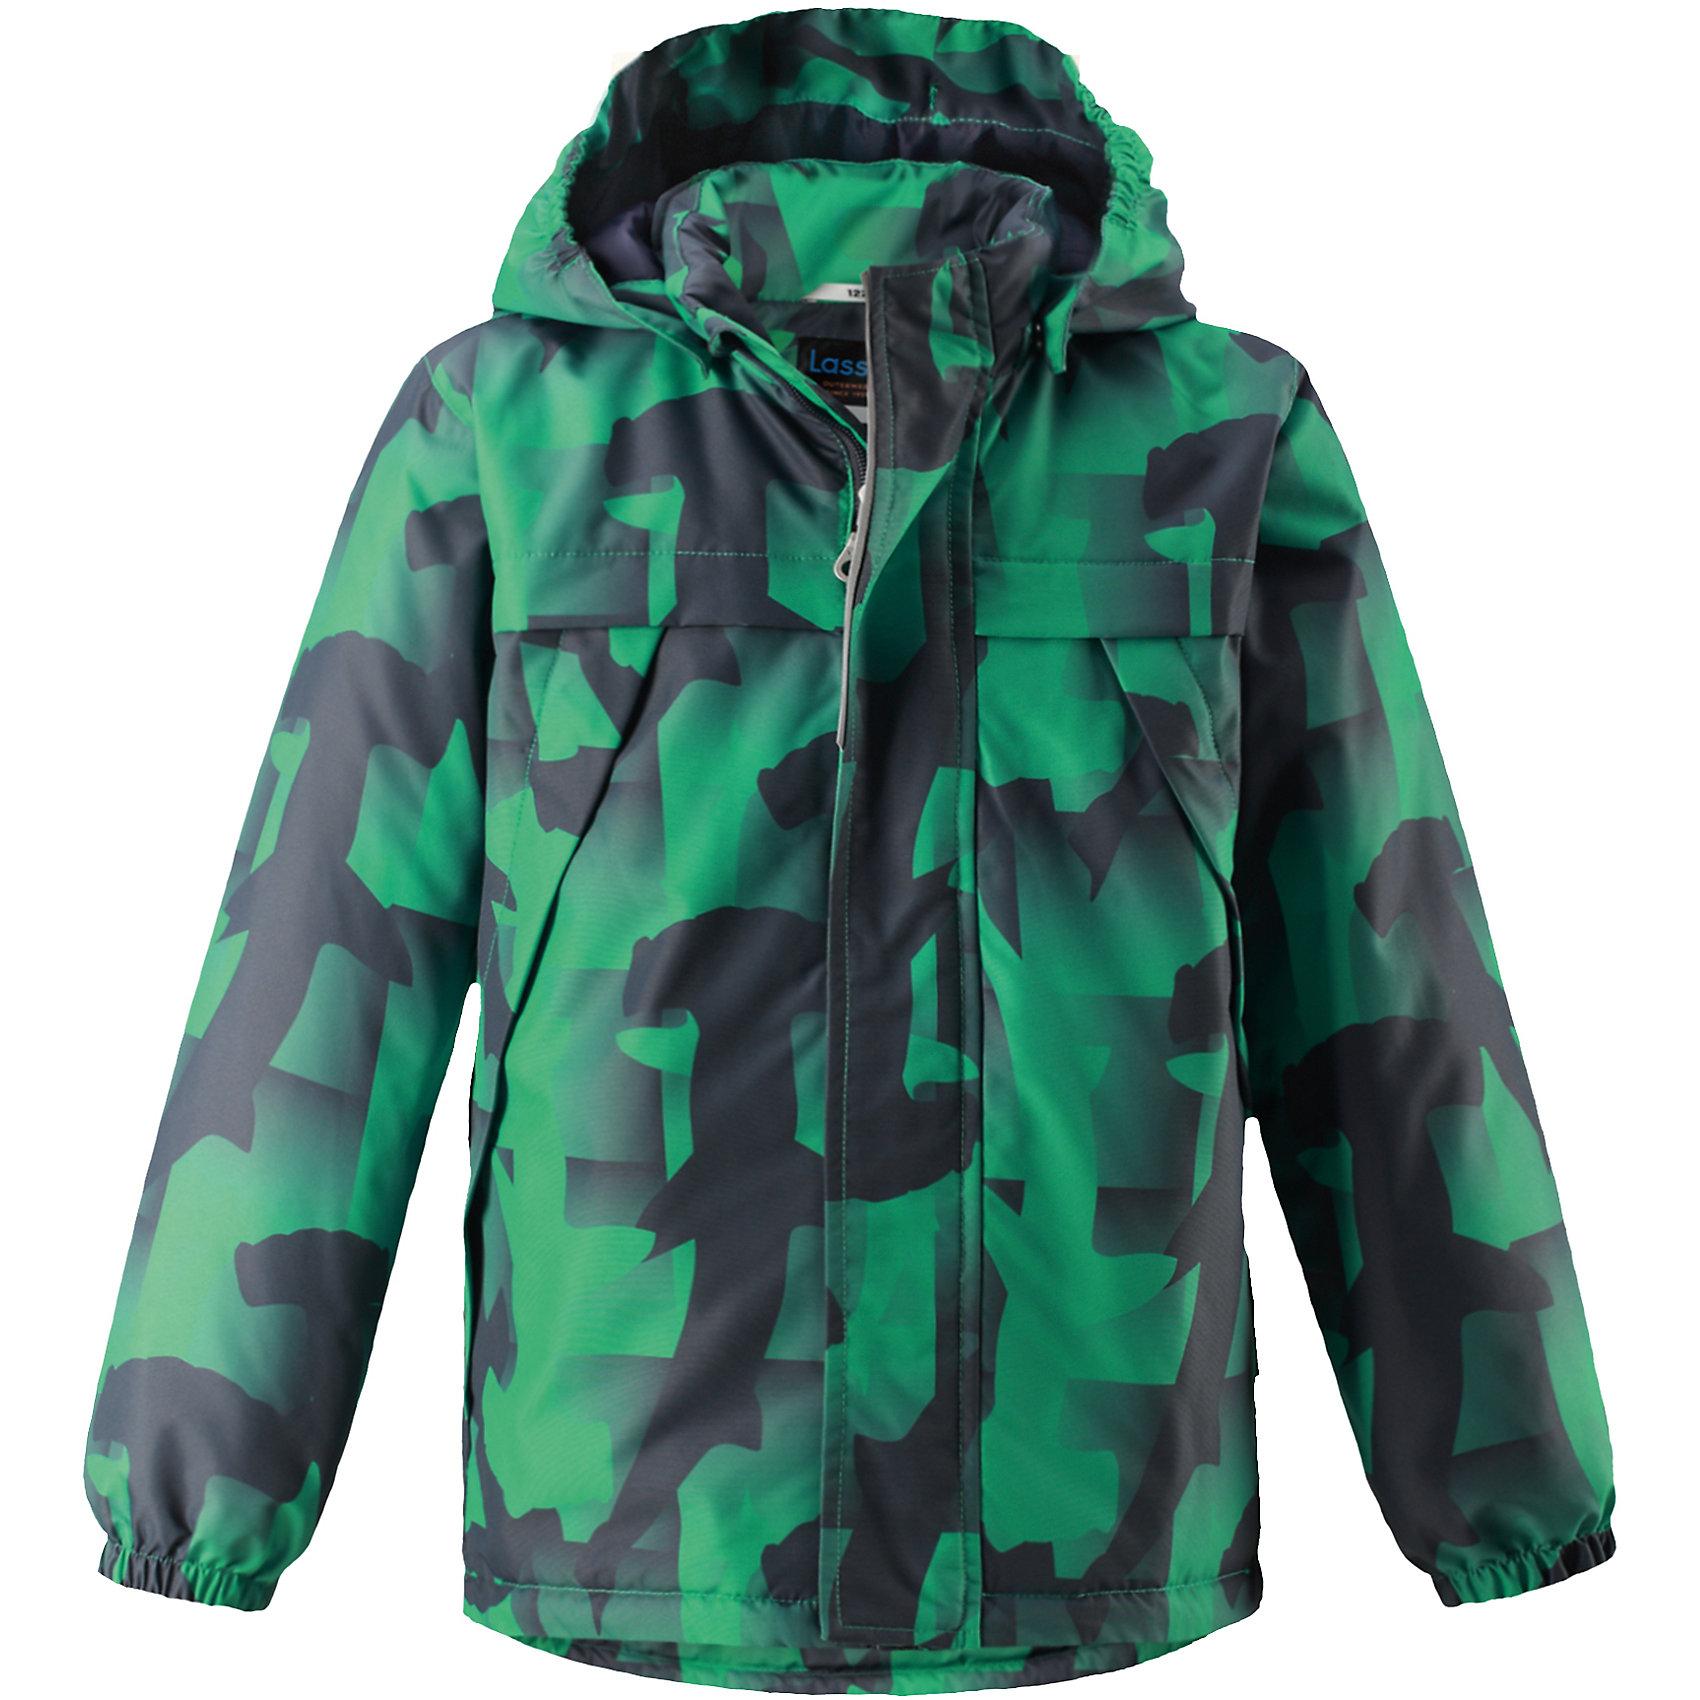 Куртка  для мальчика LASSIEОдежда<br>Куртка  для мальчика LASSIE<br>Состав:<br>100% Полиэстер, полиуретановое покрытие<br> Куртка демисезонная для детей<br> Водоотталкивающий, ветронепроницаемый и «дышащий» материал<br> Гладкая подкладка из полиэстра<br> Легкая степень утепления<br> Безопасный, съемный капюшон<br> Эластичные манжеты<br> Регулируемый подол<br> Передние карманы<br><br>Ширина мм: 356<br>Глубина мм: 10<br>Высота мм: 245<br>Вес г: 519<br>Цвет: зеленый<br>Возраст от месяцев: 18<br>Возраст до месяцев: 24<br>Пол: Мужской<br>Возраст: Детский<br>Размер: 92,140,98,104,110,116,122,128,134<br>SKU: 5265090